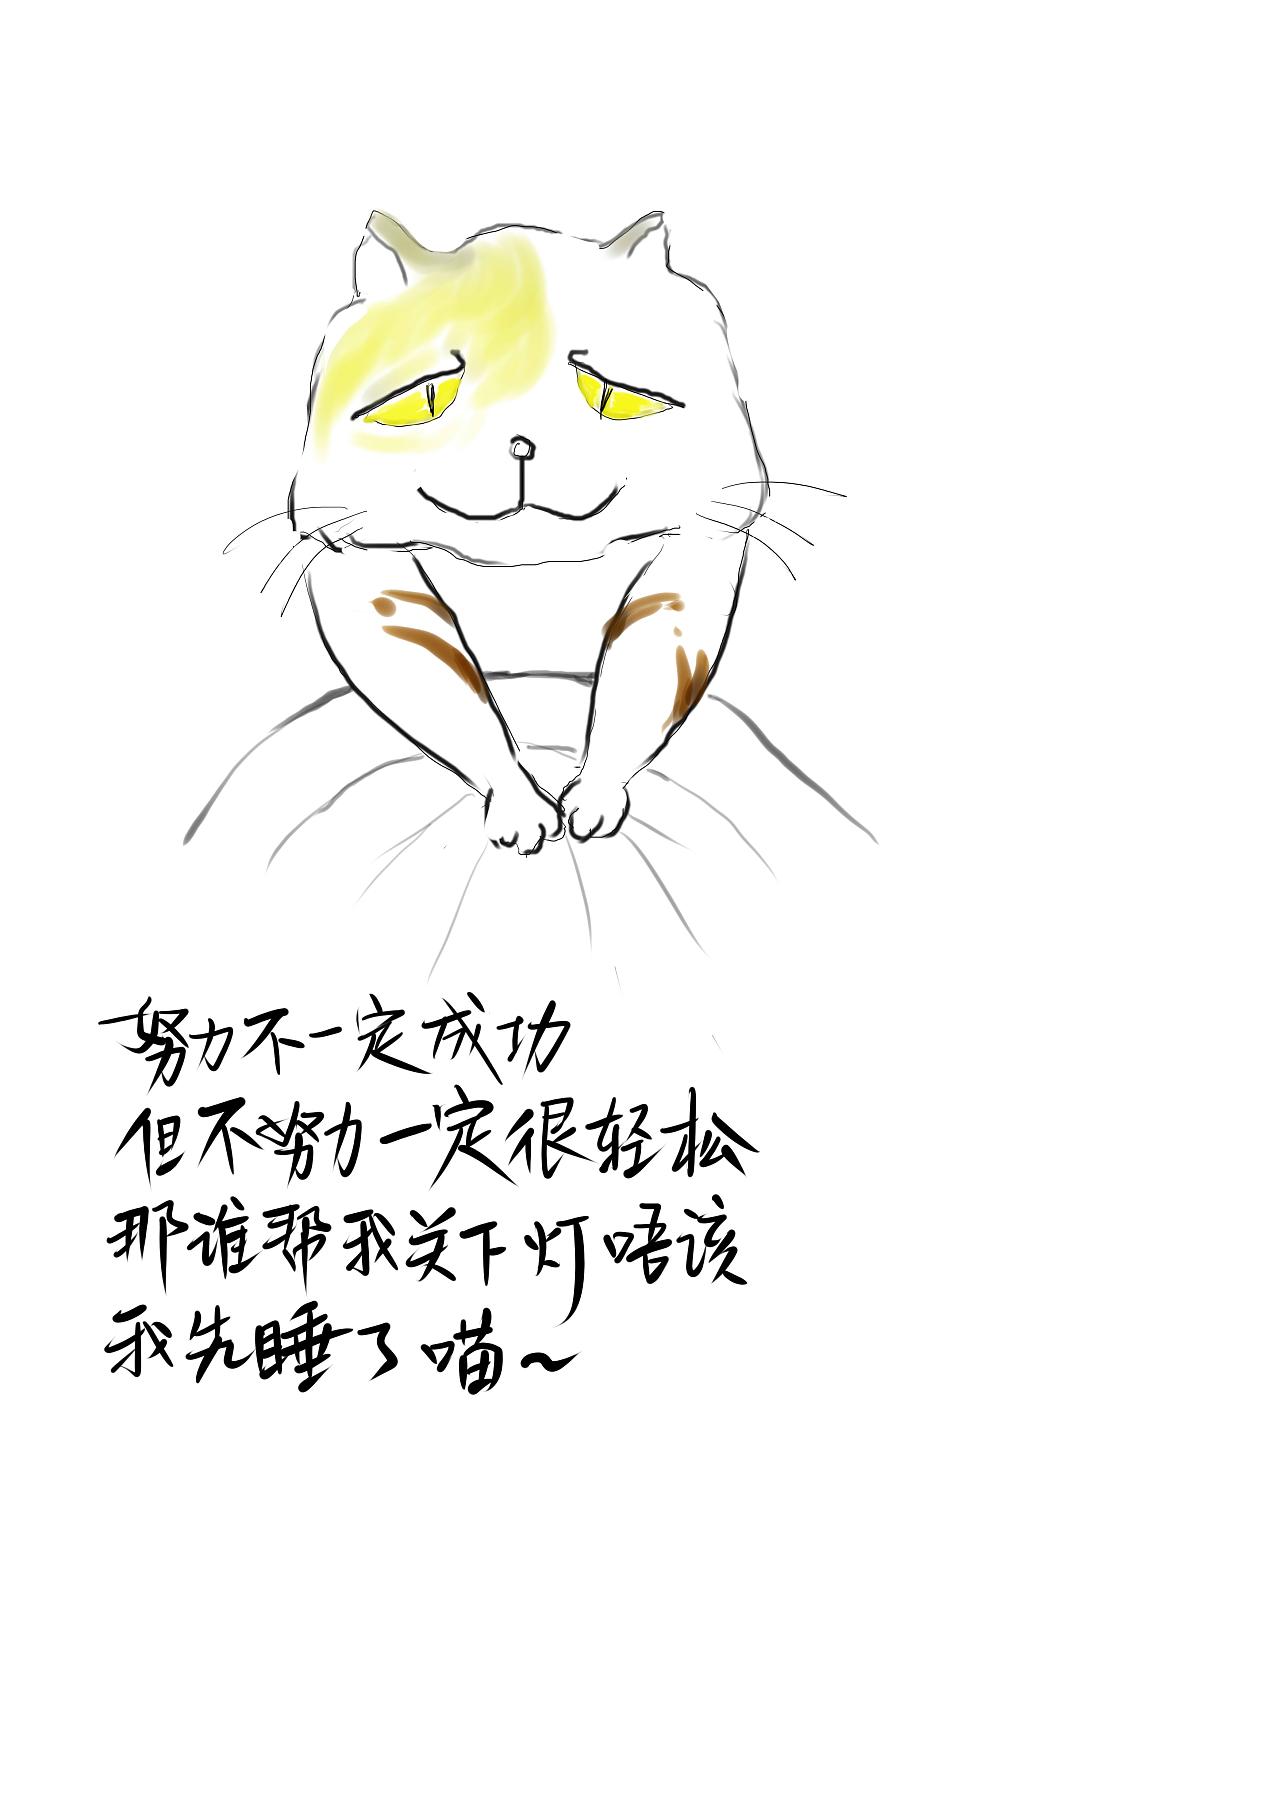 卡通猫爪怎么画